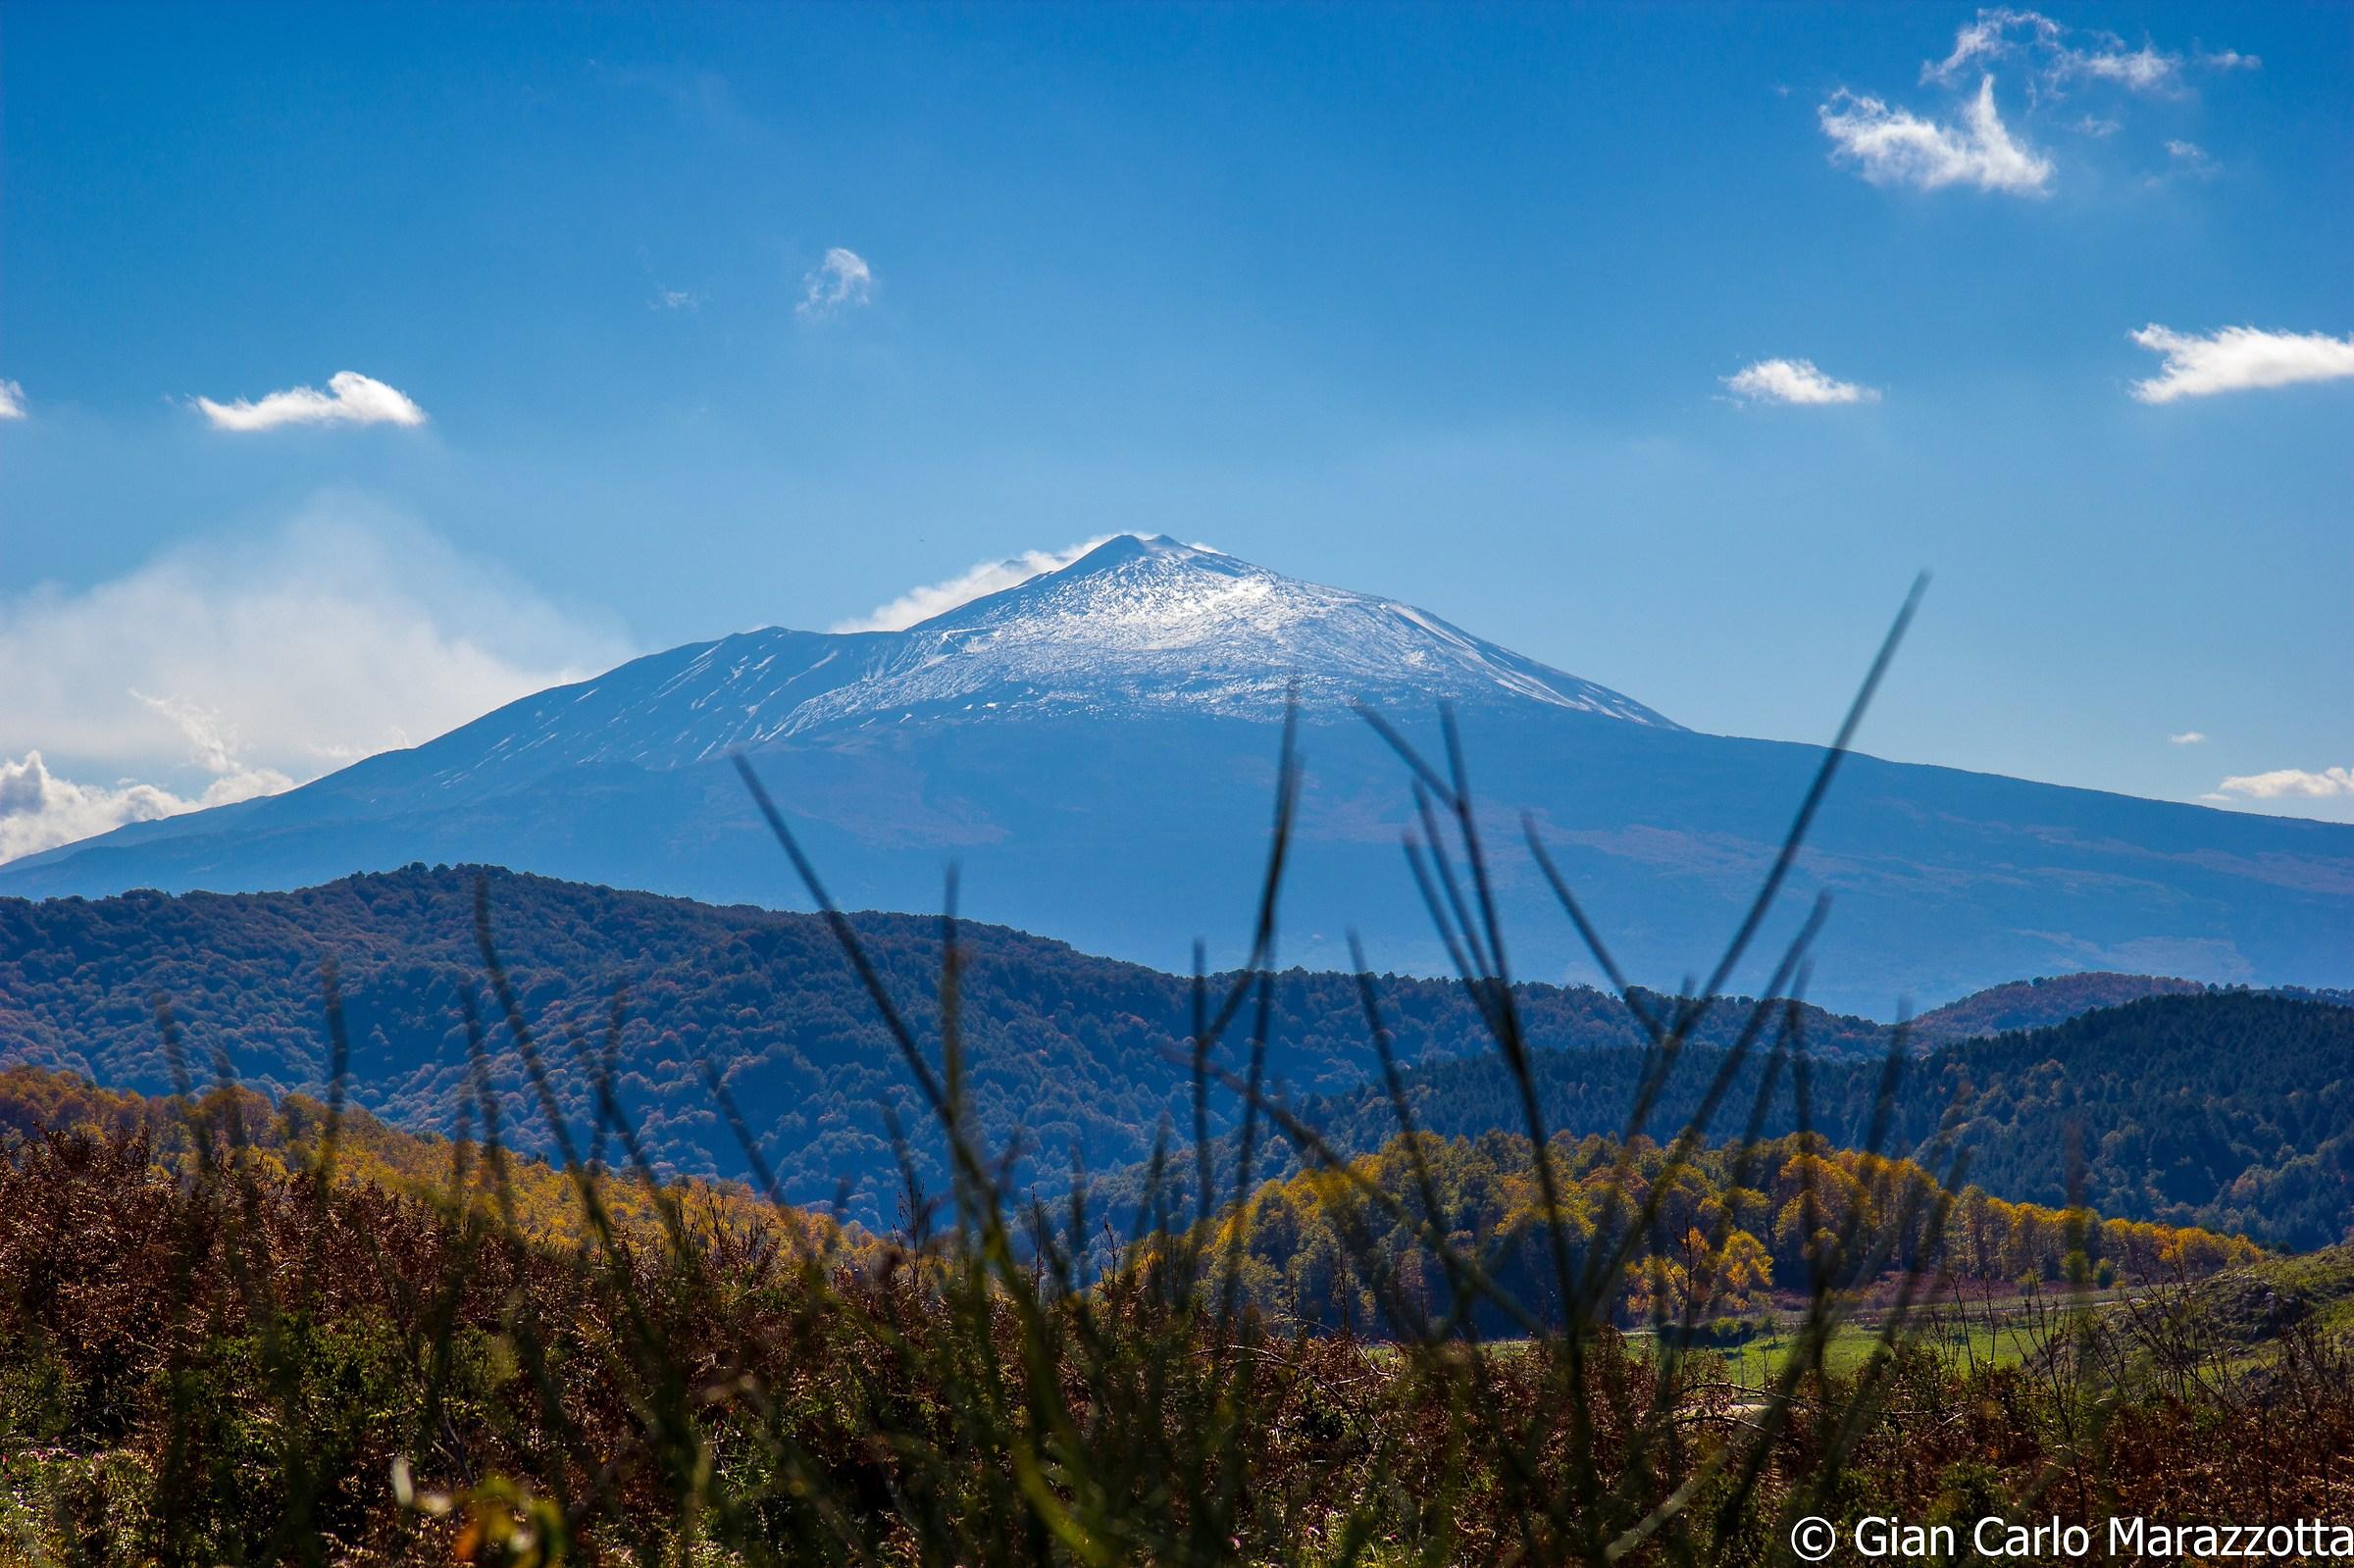 The volcano...